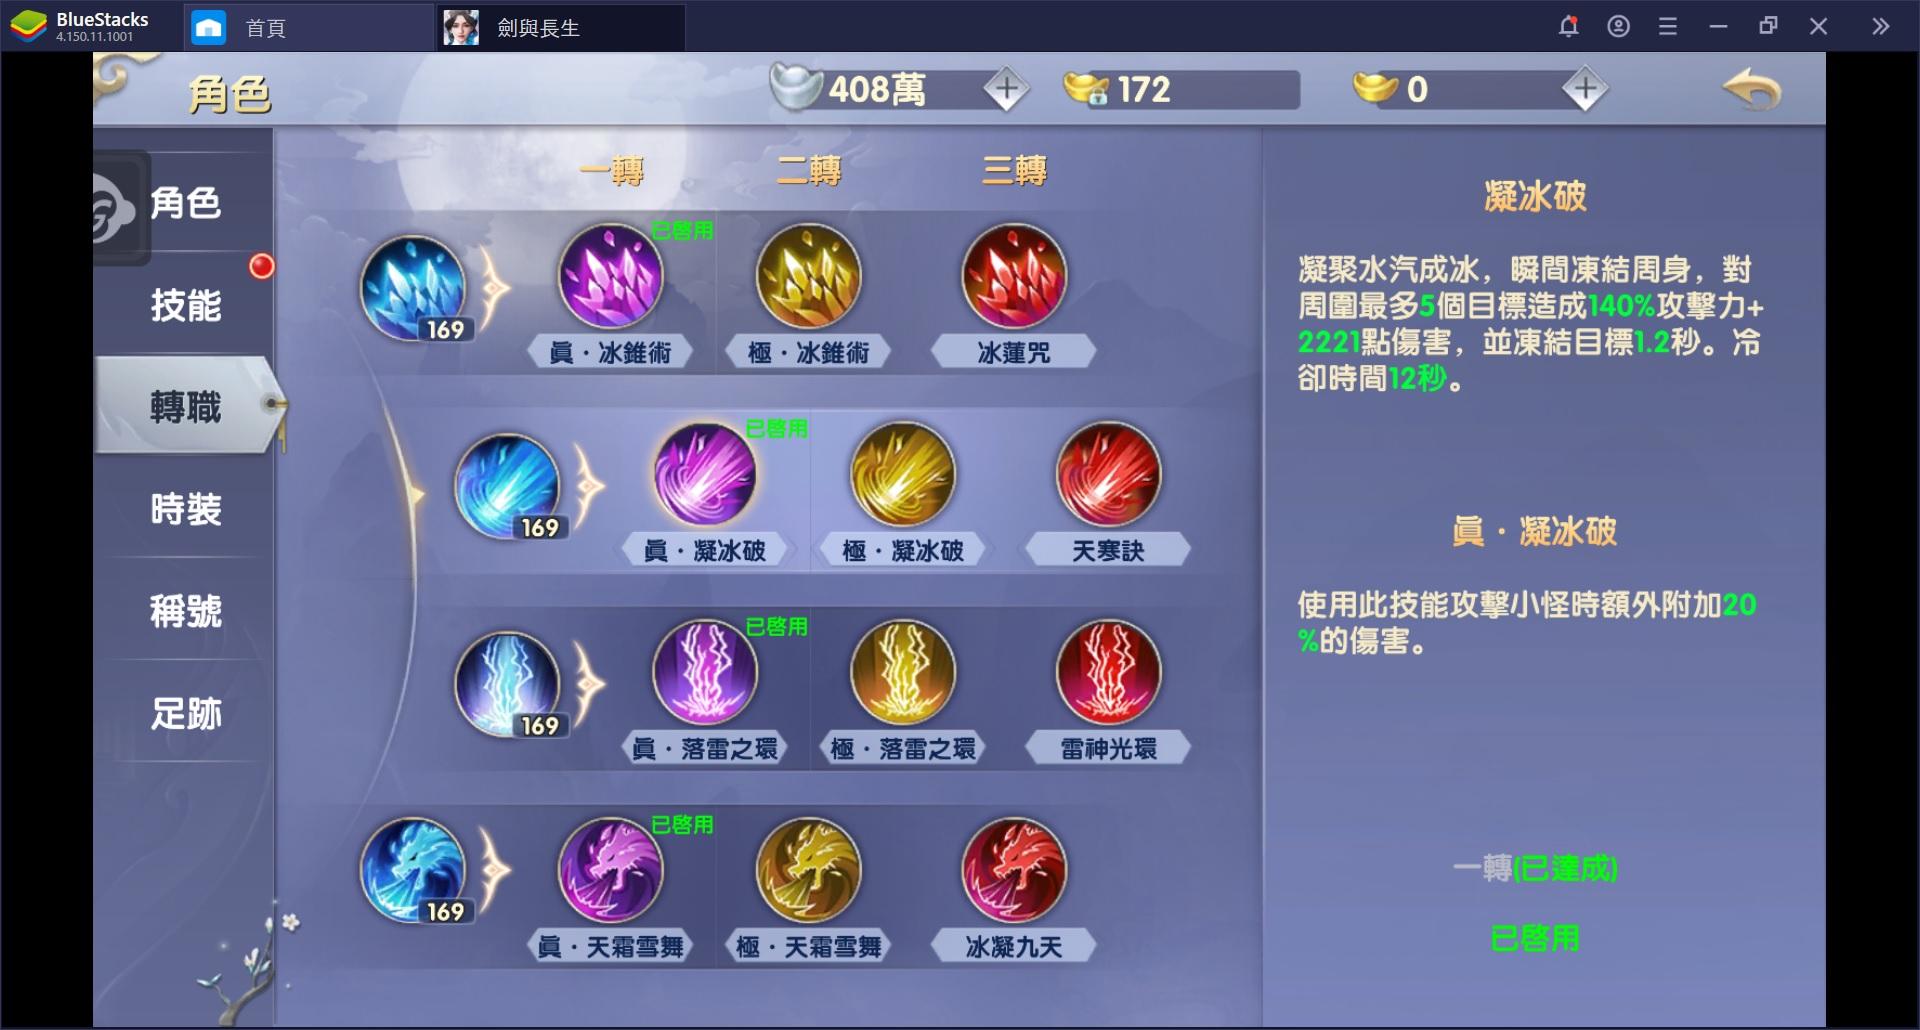 使用BlueStacks在電腦上體驗3D大世界修仙MMO《劍與長生》